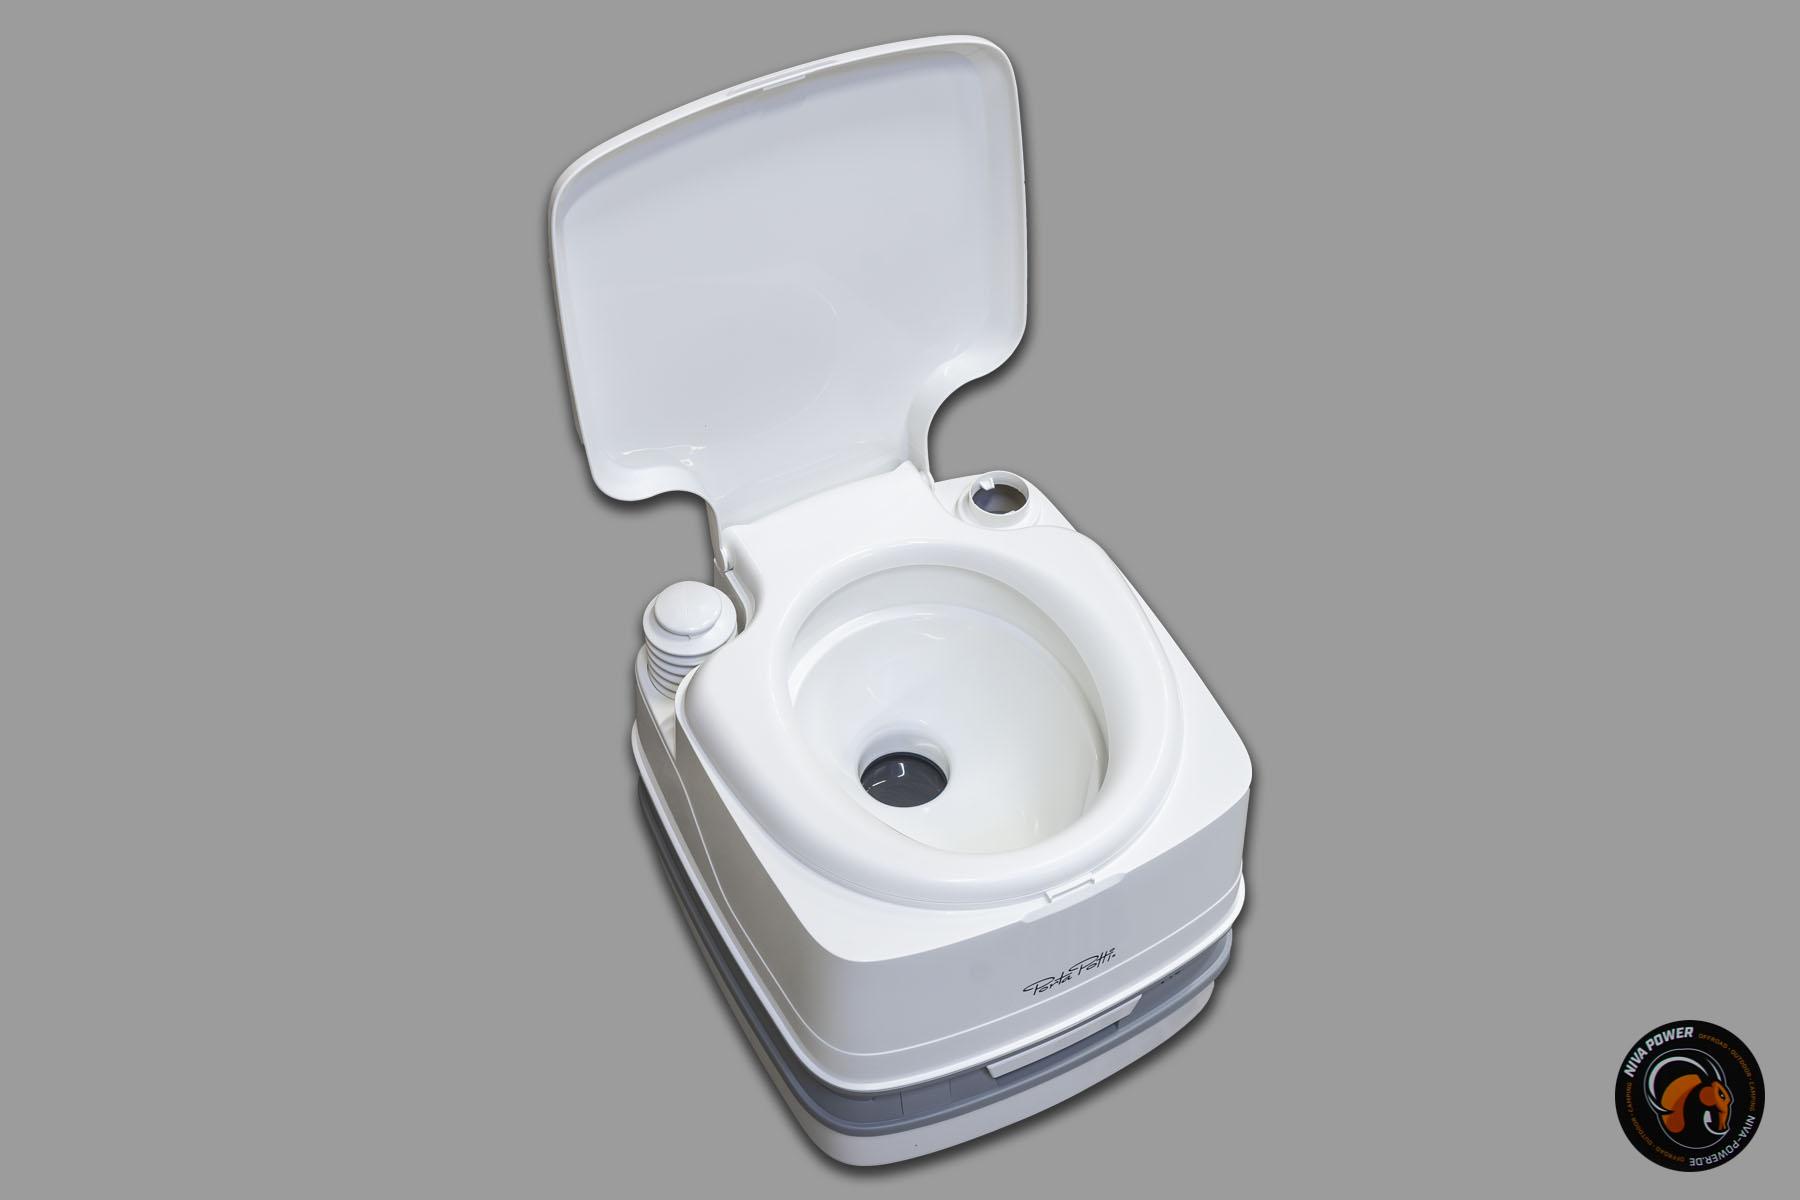 porta-potti-tragbare-toilette-002